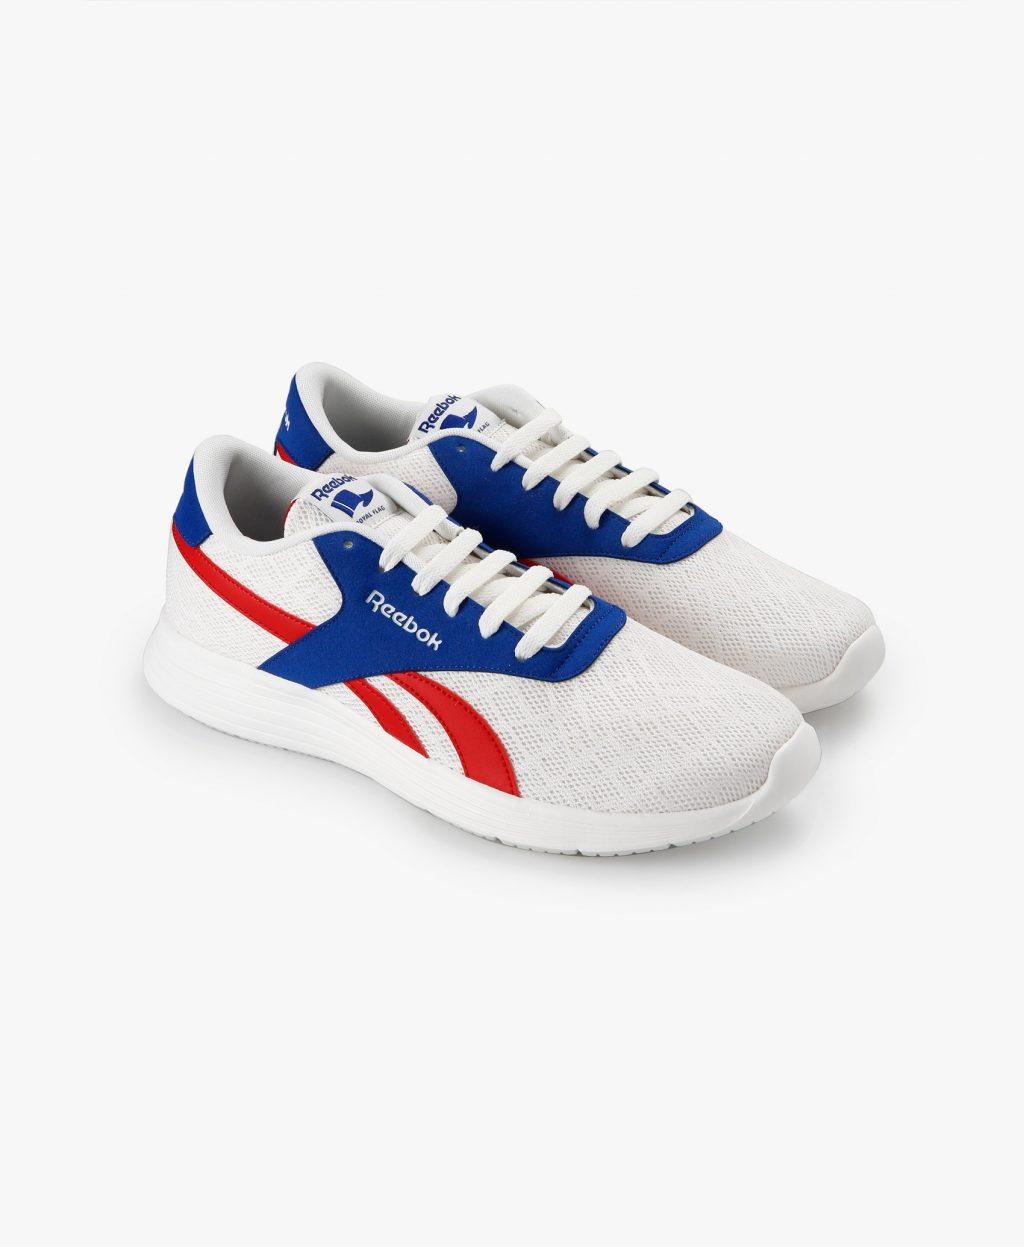 Đôi giày Reebok này có giá chỉ 902,300VNĐ, giảm 30% so với giá bán bình thường là 1,289,000VNĐ.